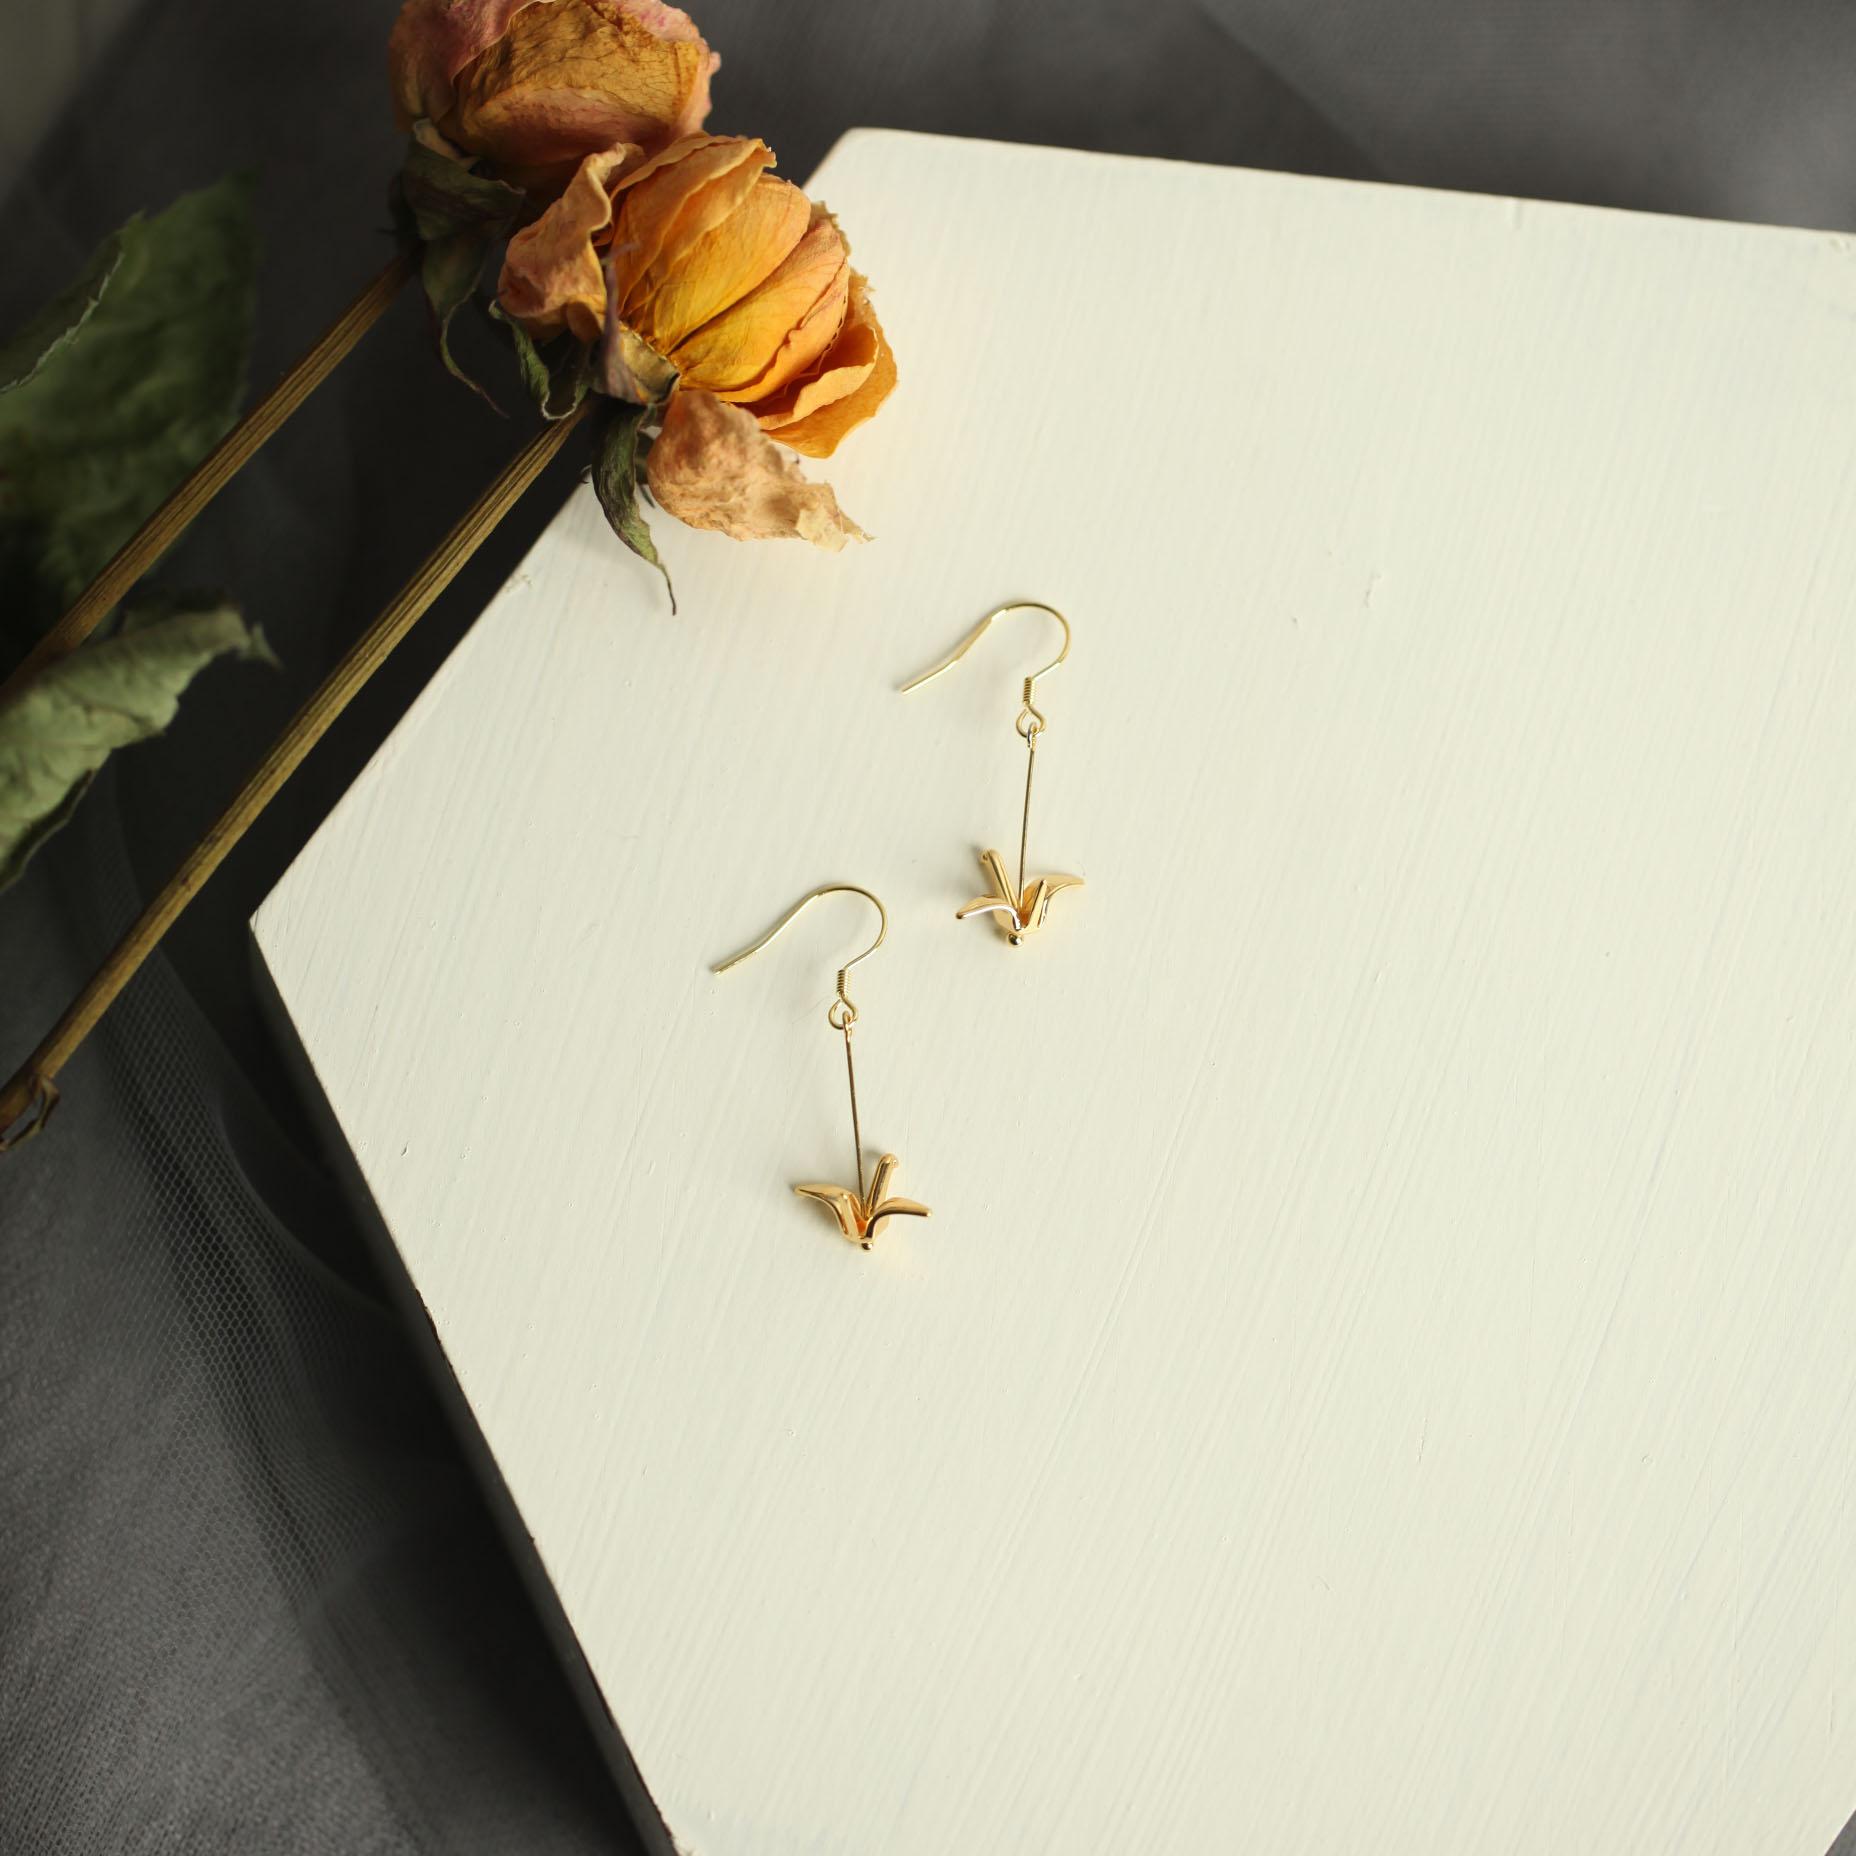 花宿设计 千纸鹤蚊香盘无洞耳夹s925纯银耳环韩国气质小巧耳坠图片